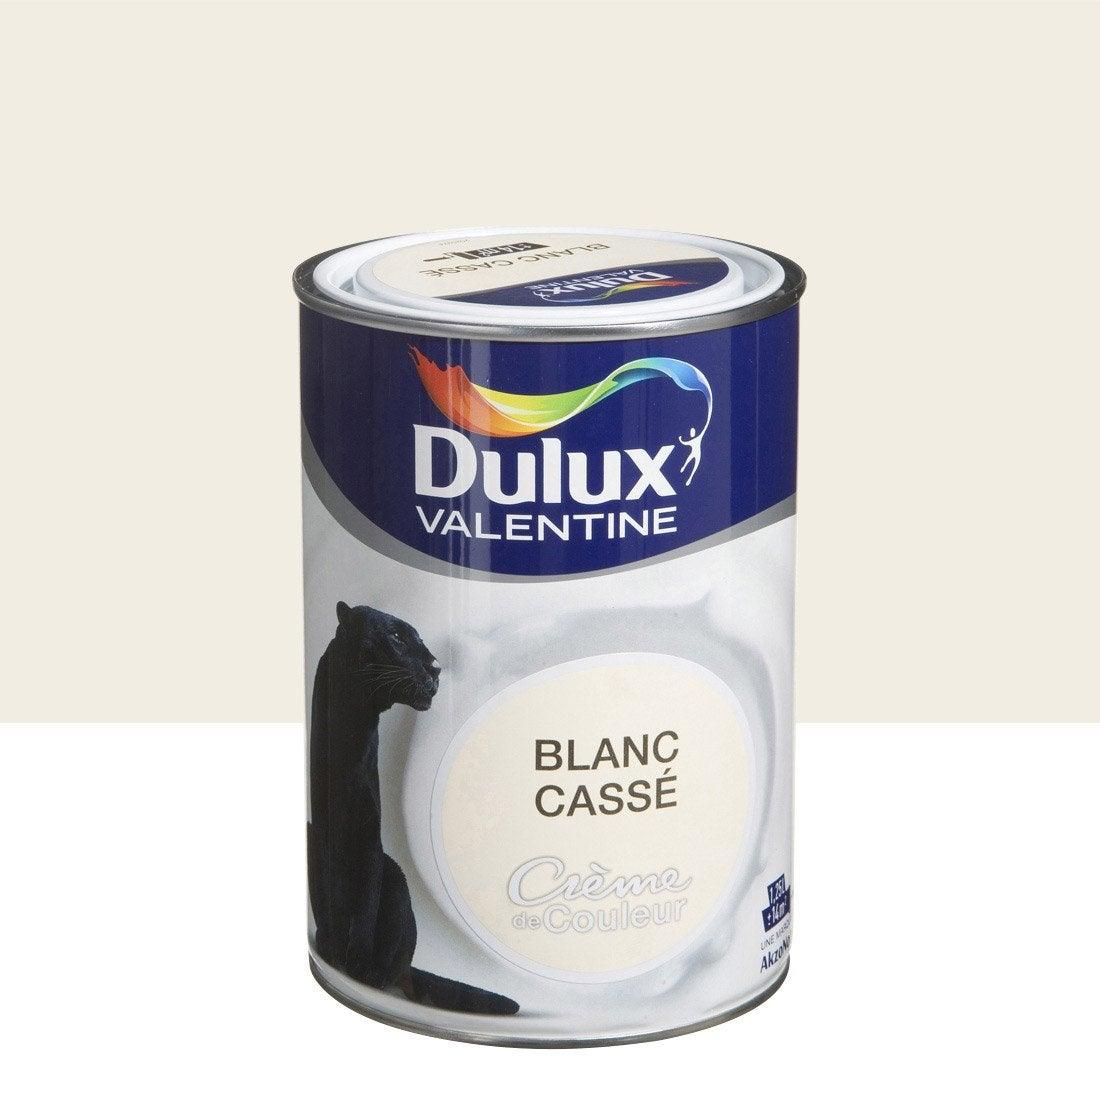 peinture blanc cass satin dulux valentine cr me de couleur l leroy merlin. Black Bedroom Furniture Sets. Home Design Ideas